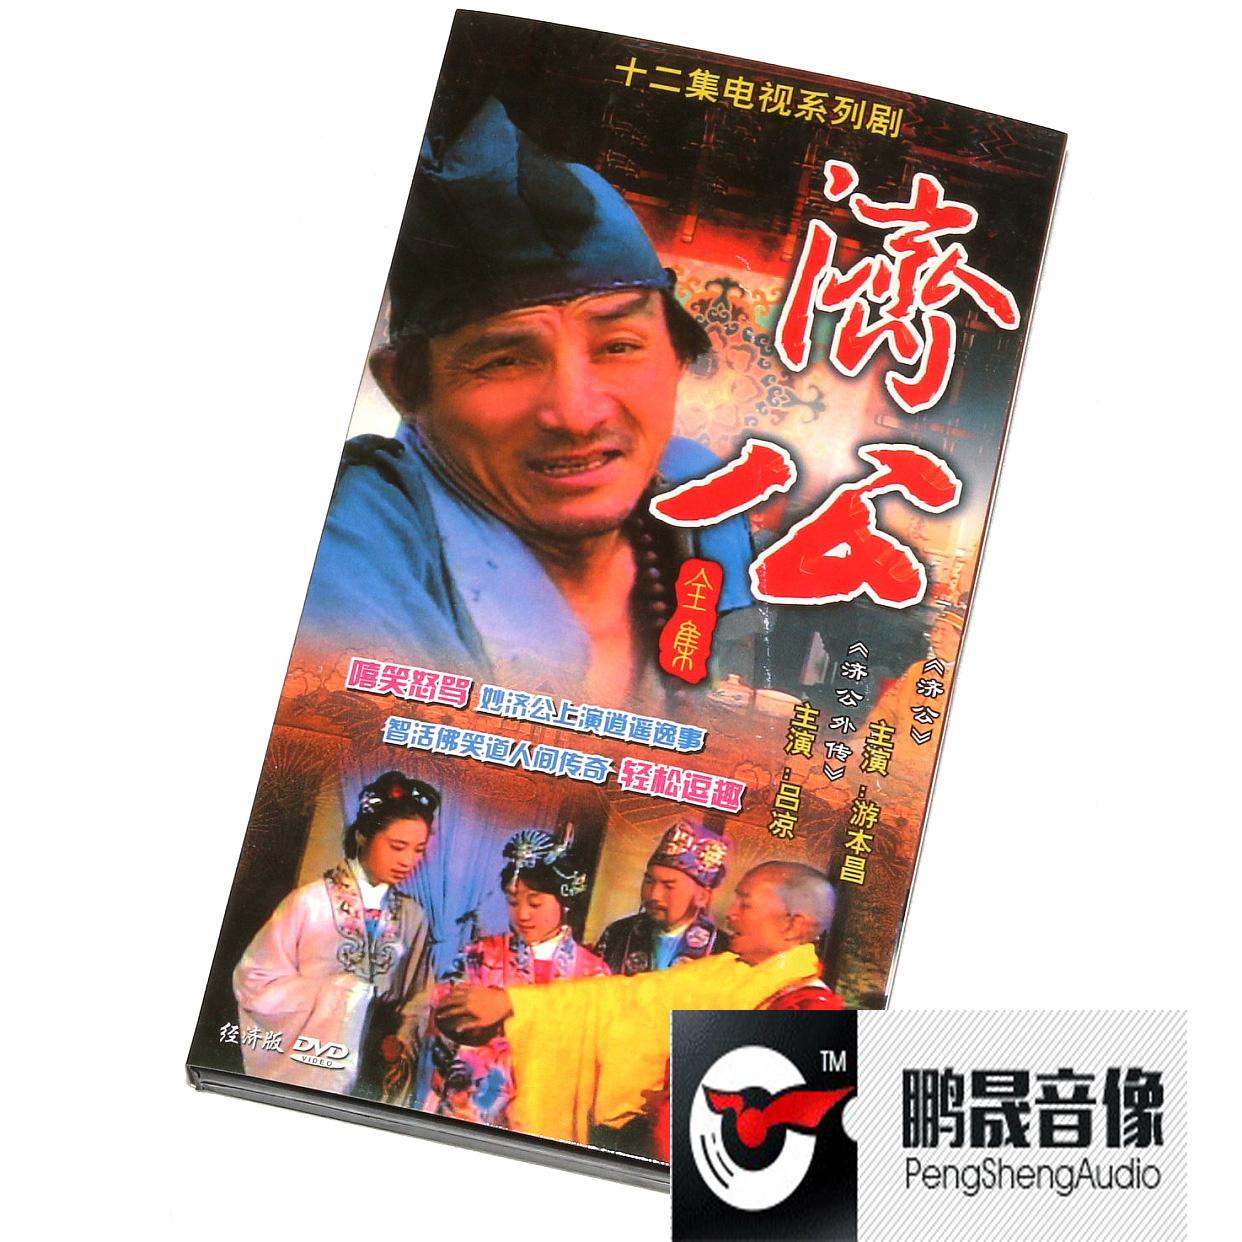 经典老电视剧 济公全集 经济版 DVD碟片光盘 喜剧搞笑 游本昌